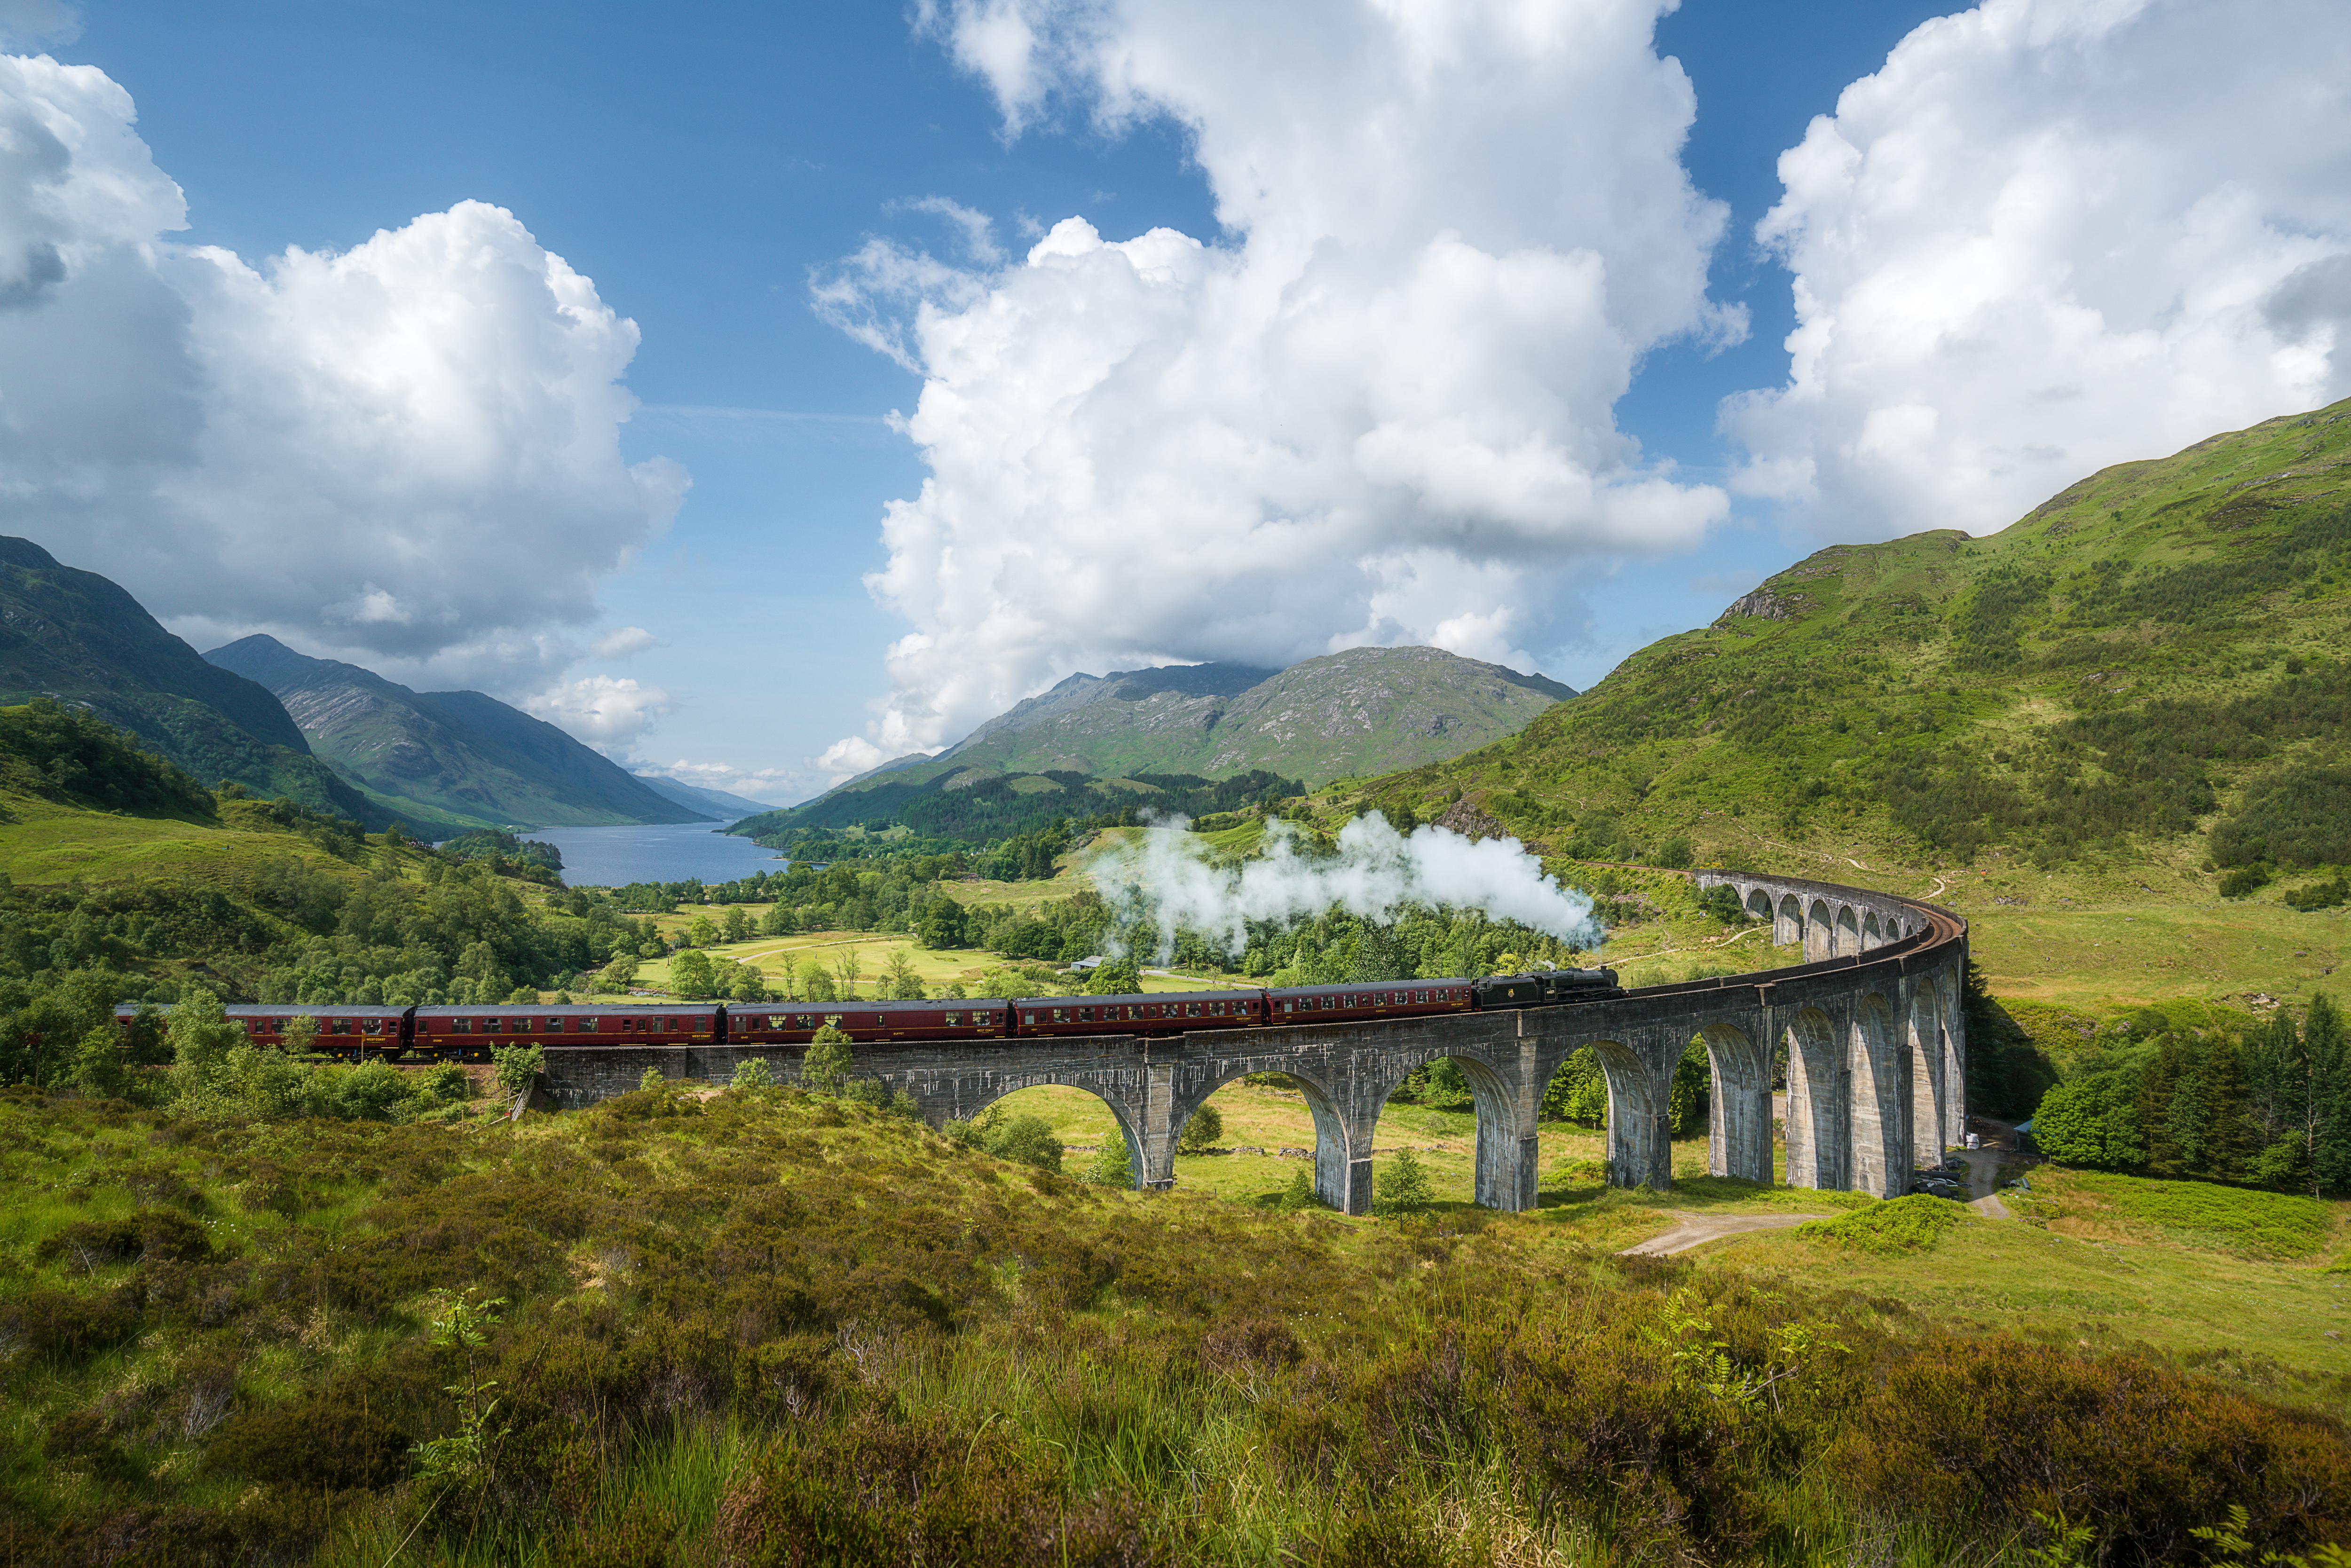 Jacobite steam train (a.k.a. Hogwarts Express) passes Glenfinnan